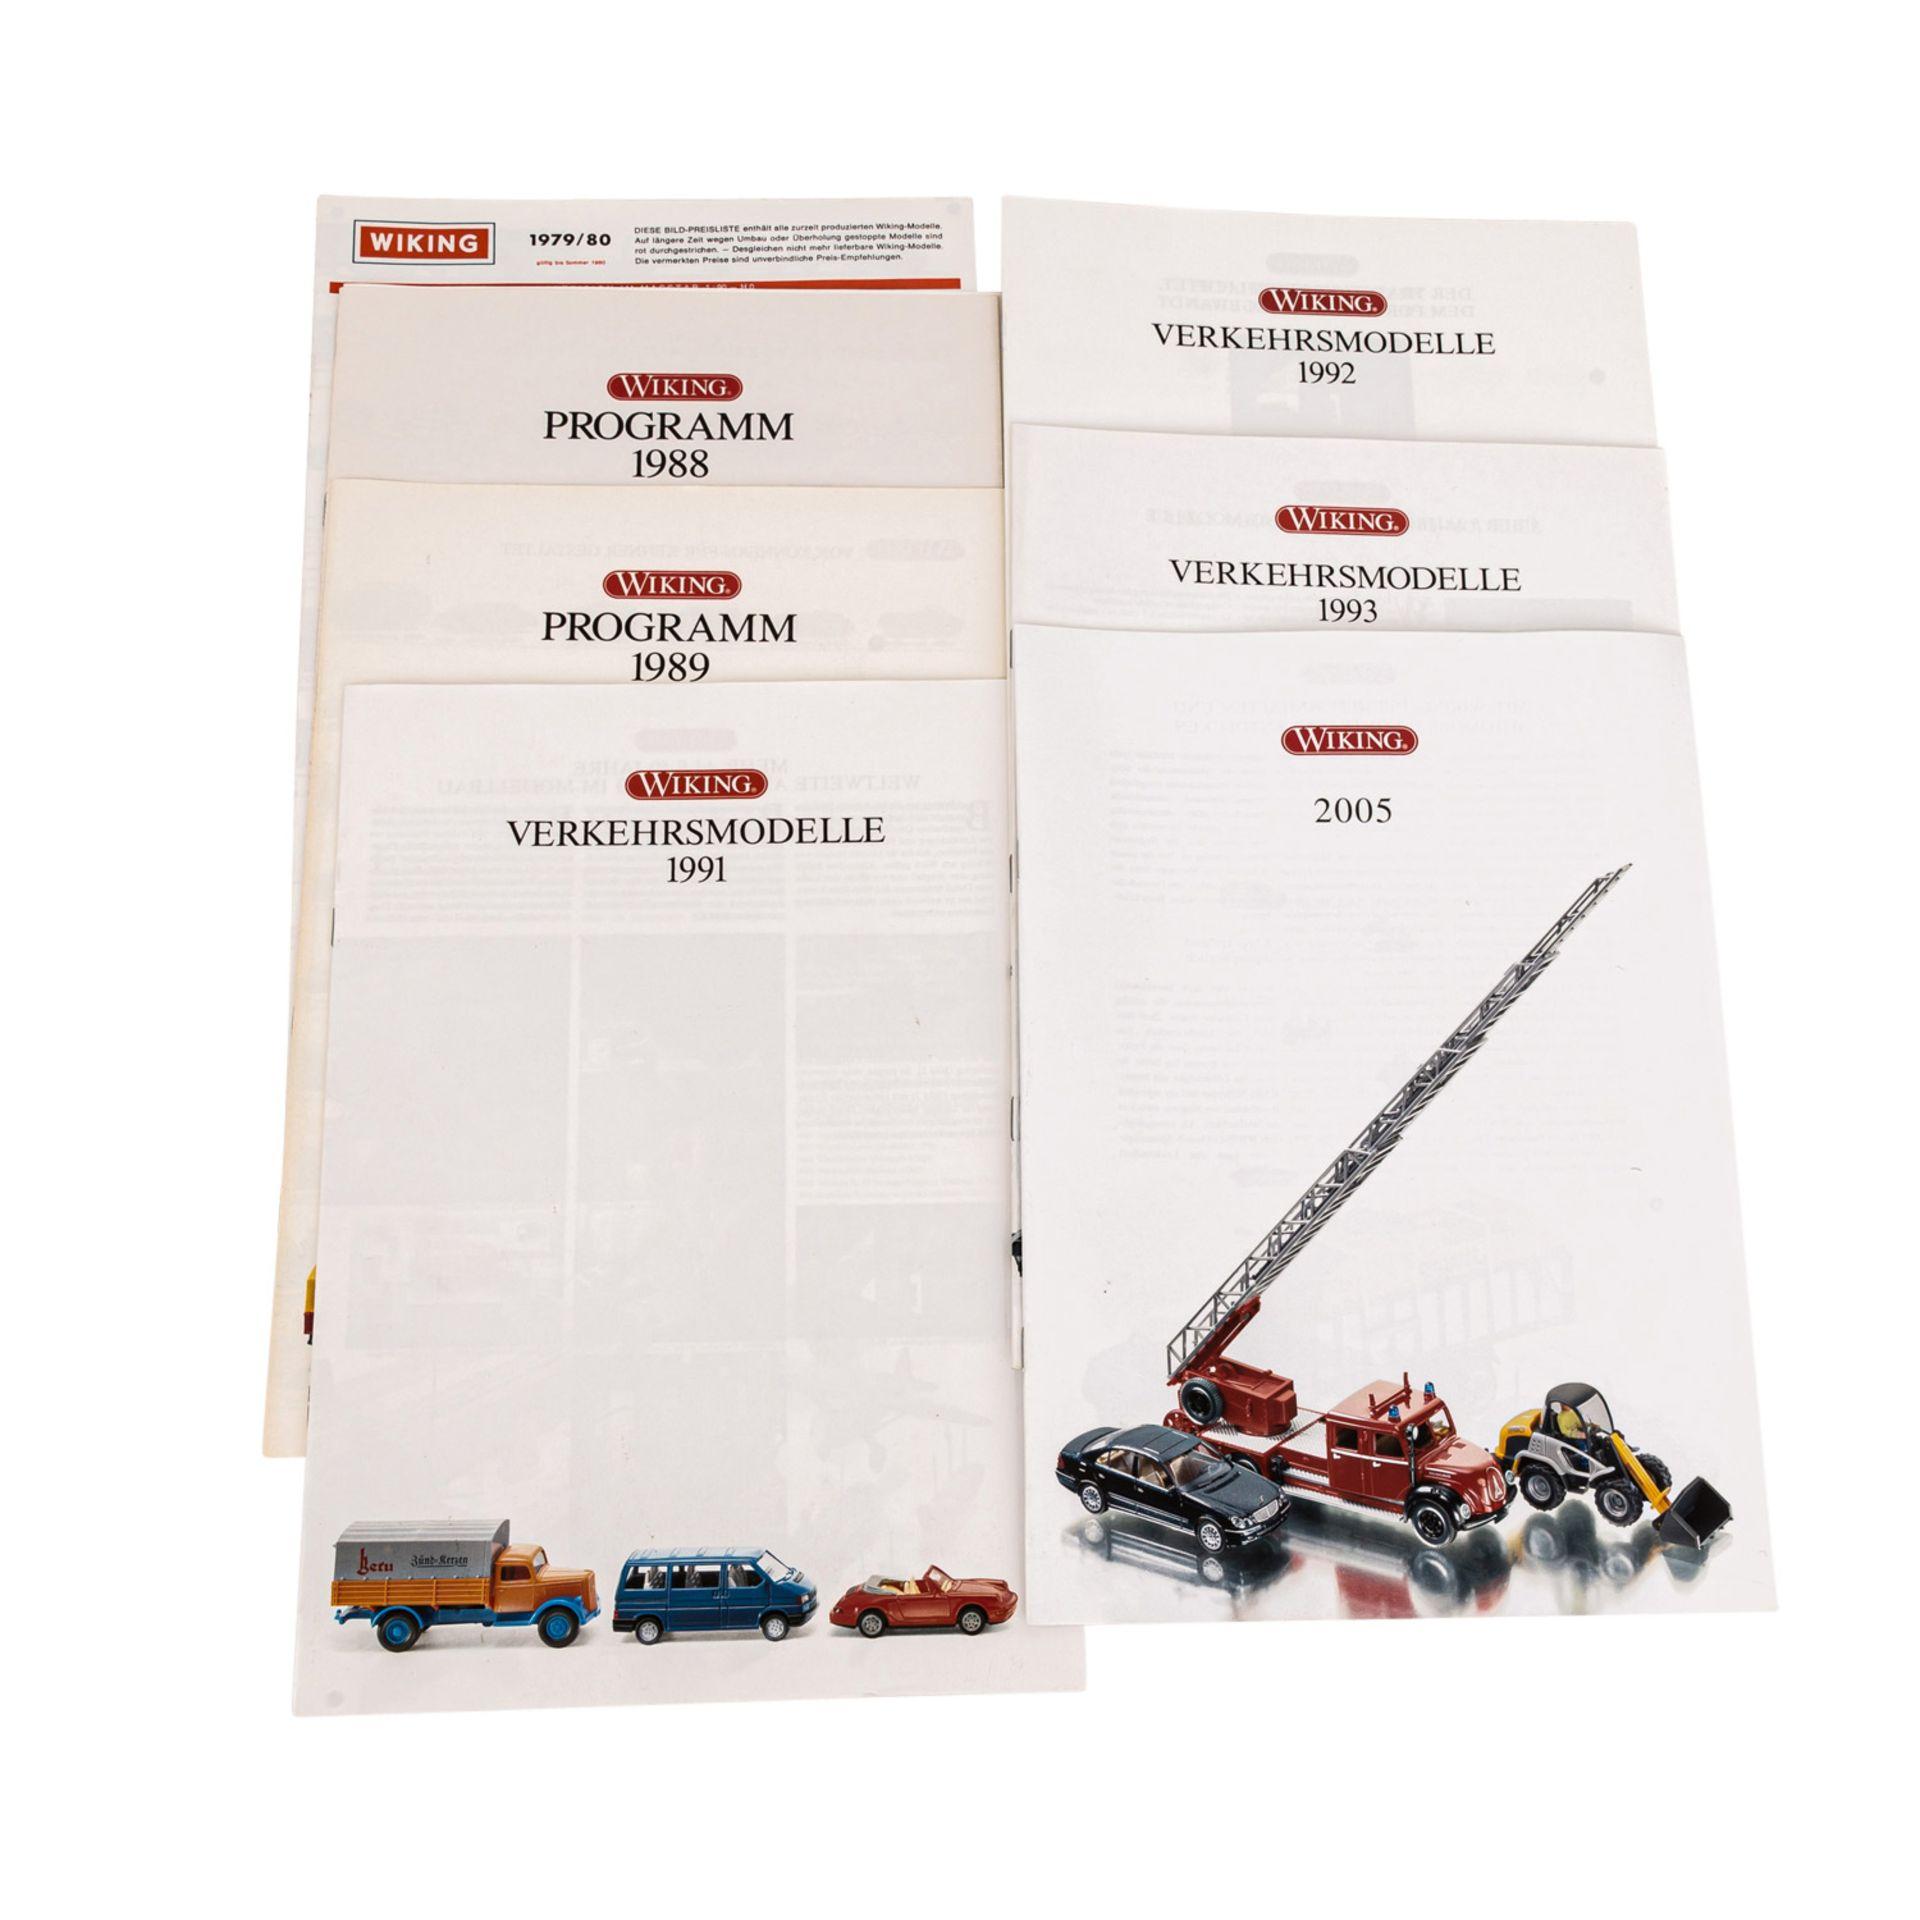 WIKING Konvolut von 20 Packungen Fahrzeuge und Zubehör im Maßstab 1:87,bestehend aus - Image 3 of 3